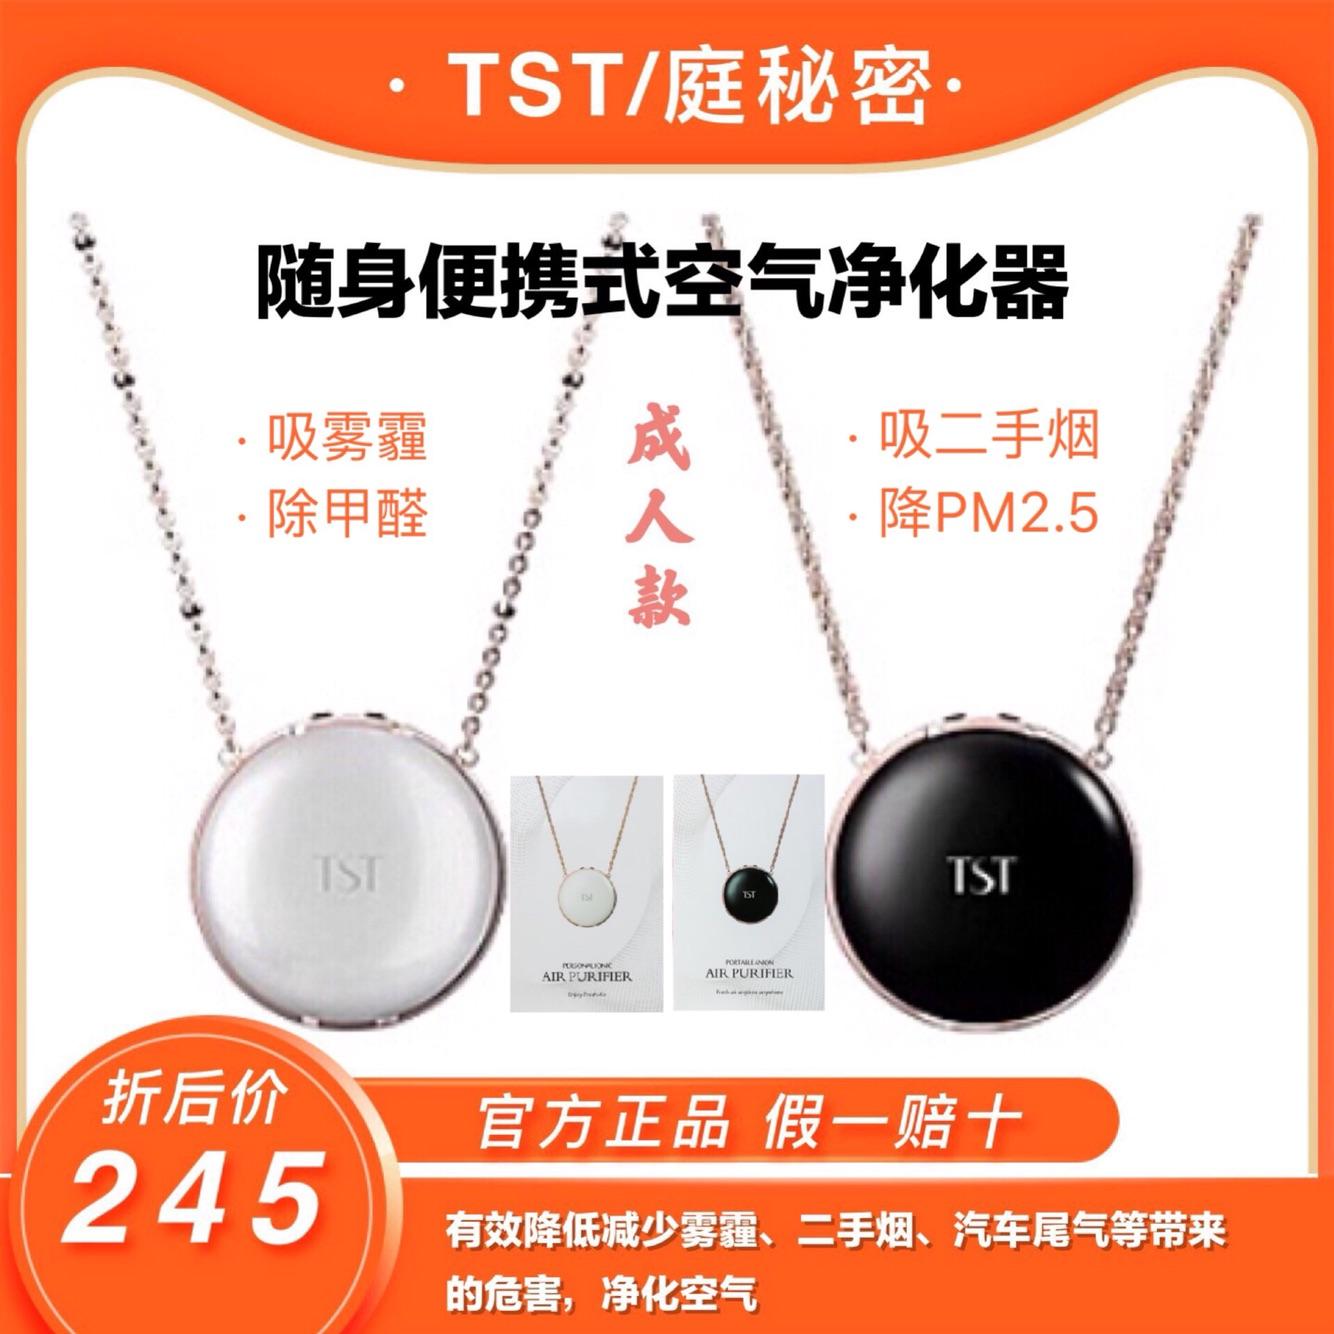 [TST庭秘密美丽护肤000080空气净化器]现货TST/除甲醛二手烟雾霾便携式负月销量1件仅售245元